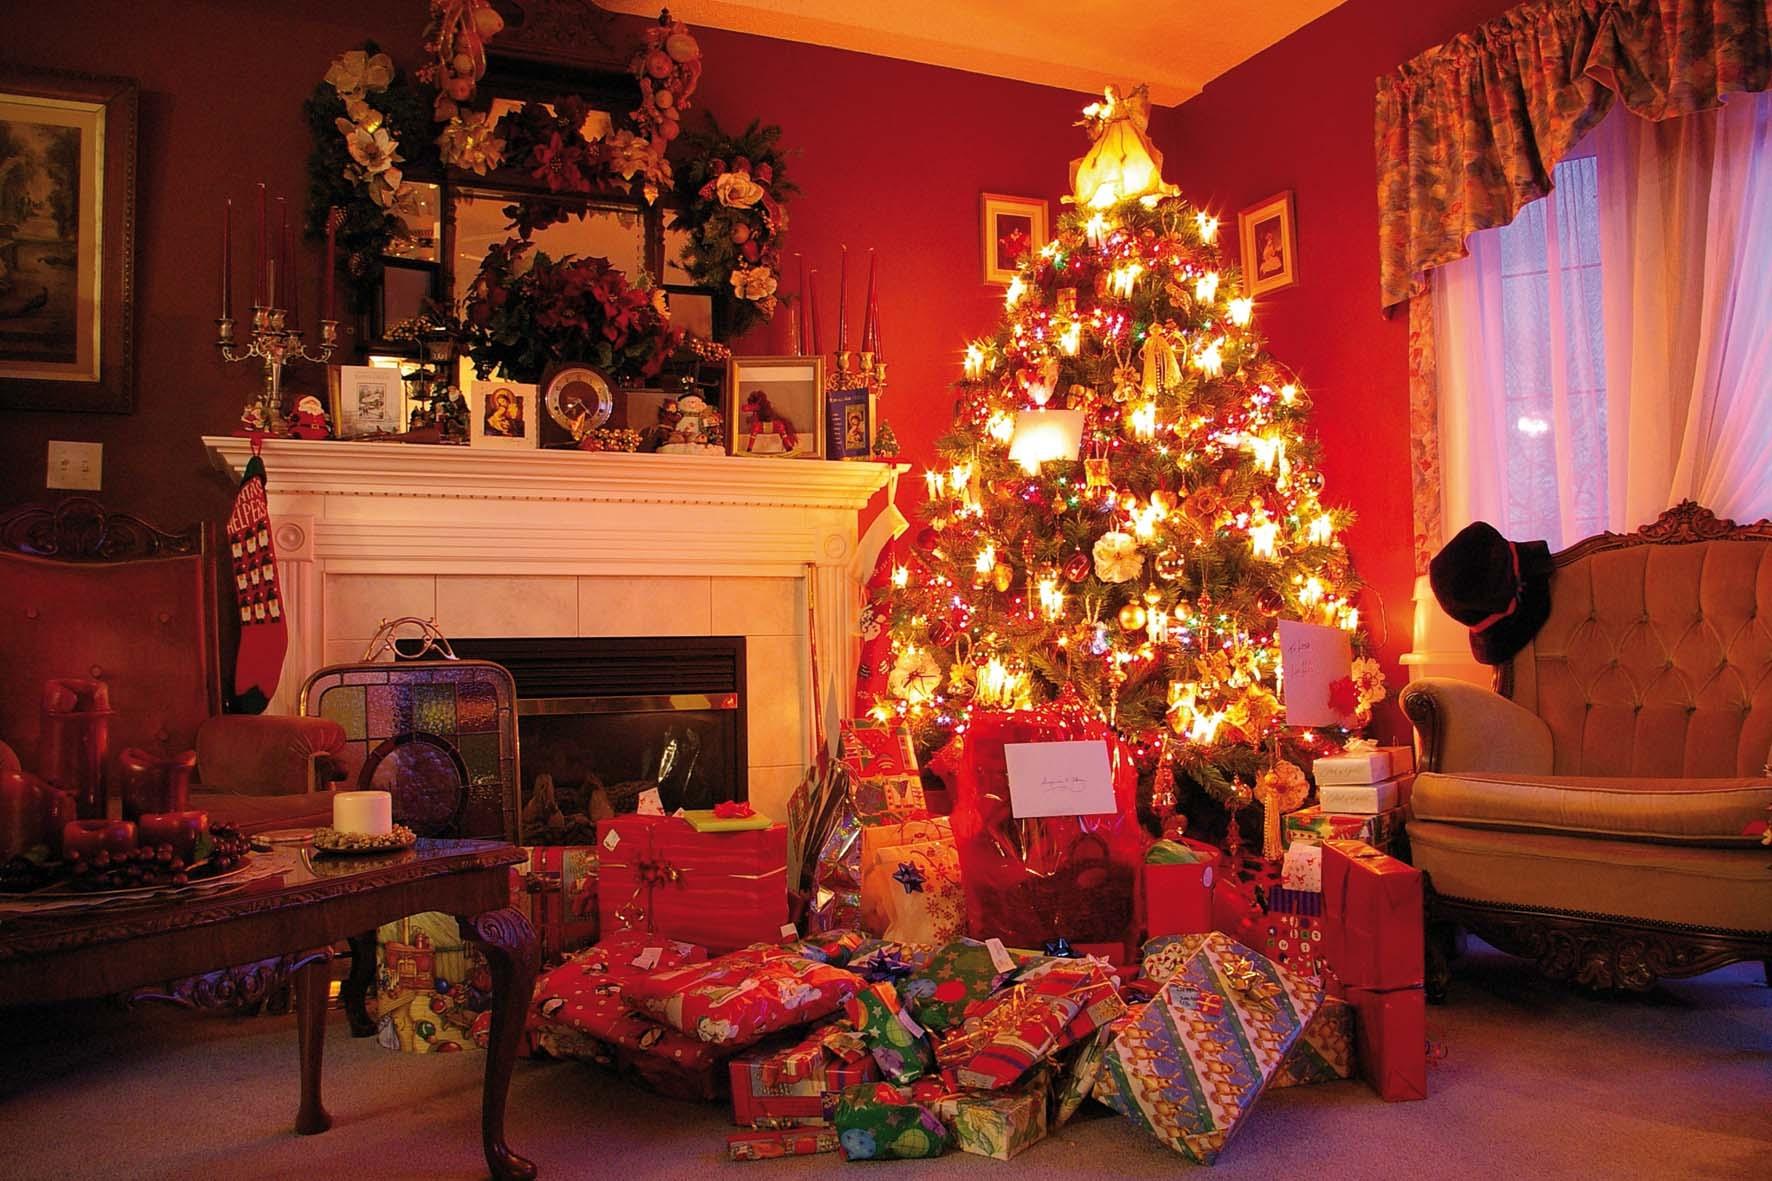 christmasscene.JPG